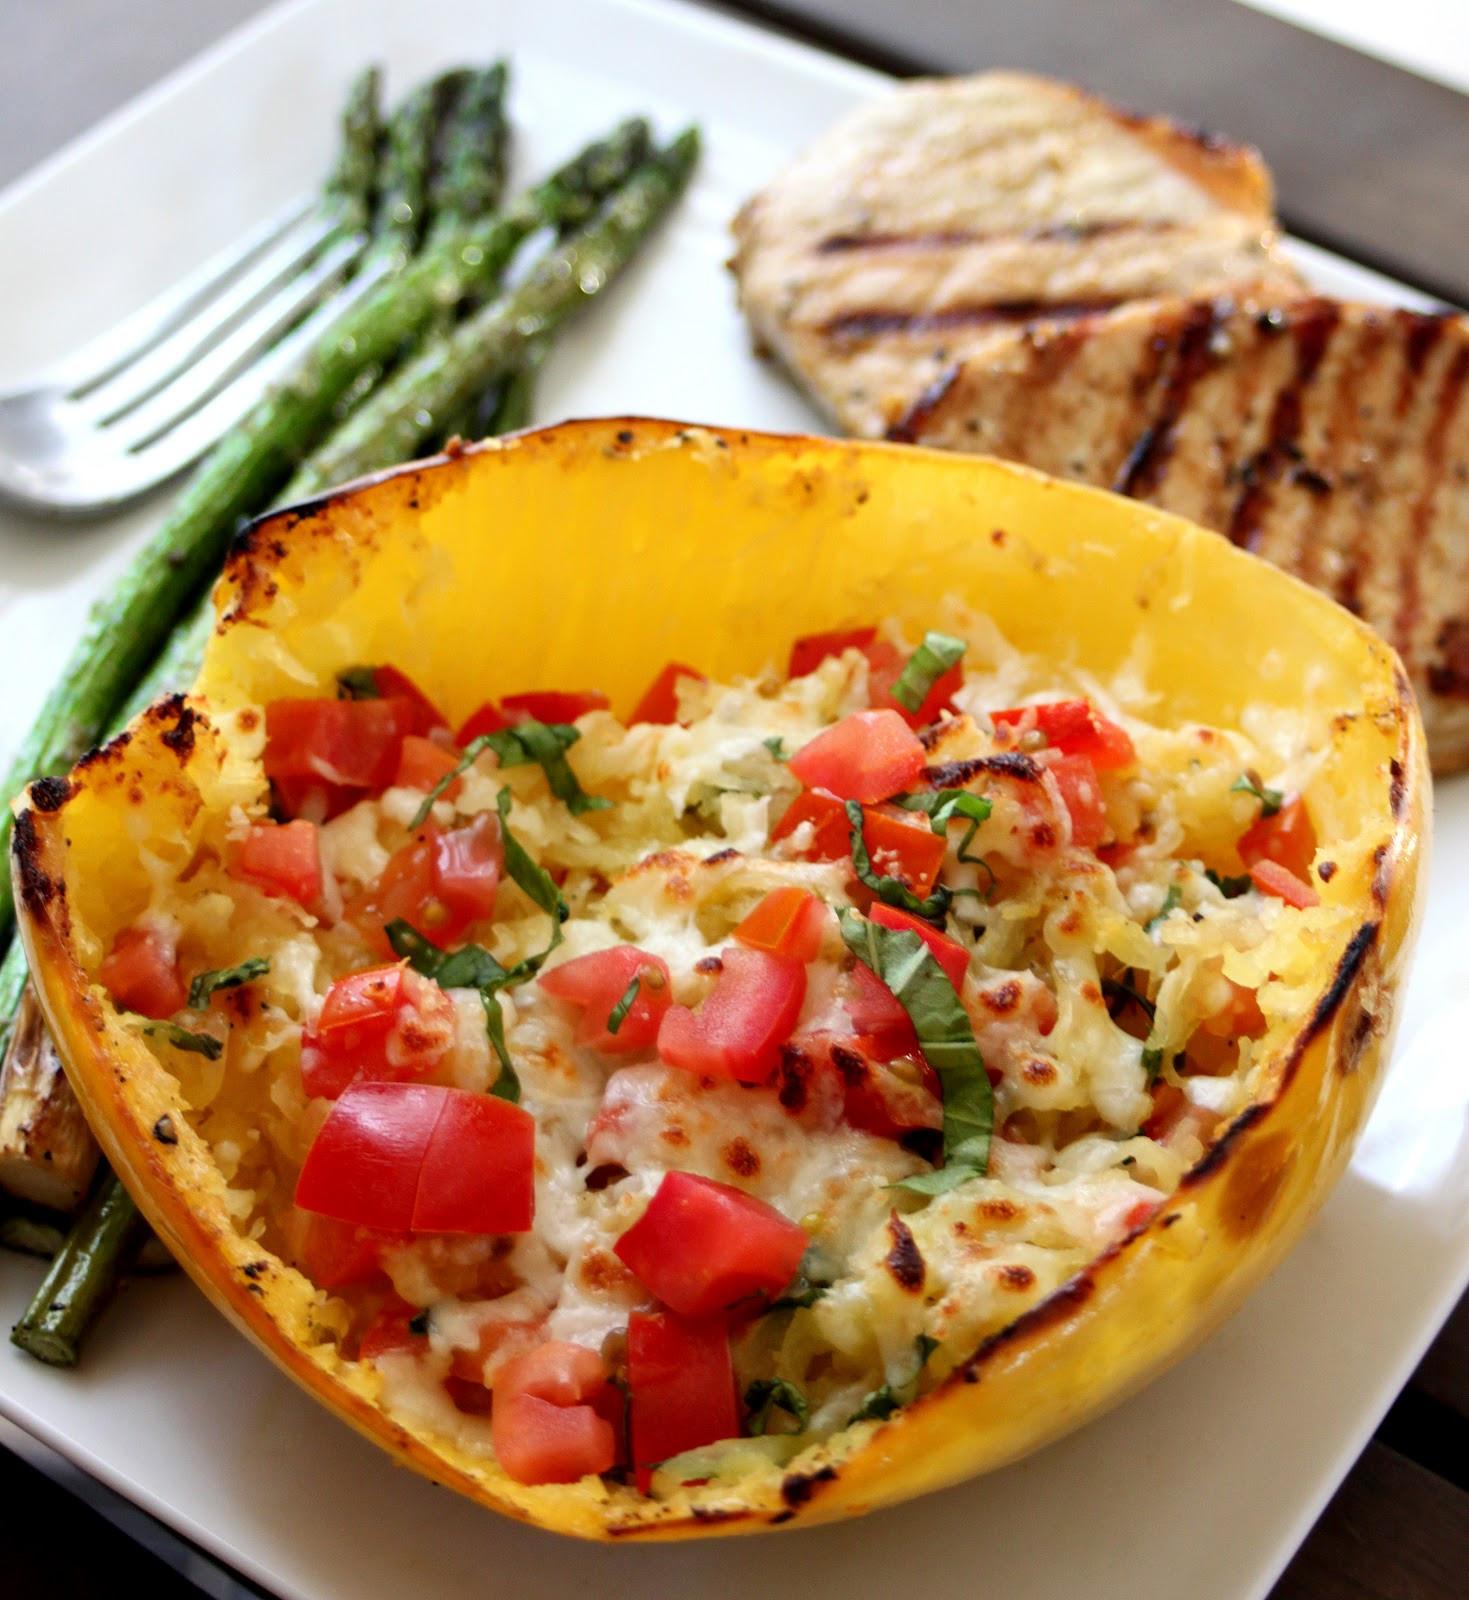 Healthy Spaghetti Squash Recipes  Phoenix Family Foo Blog Gluten Free Goodness Baked